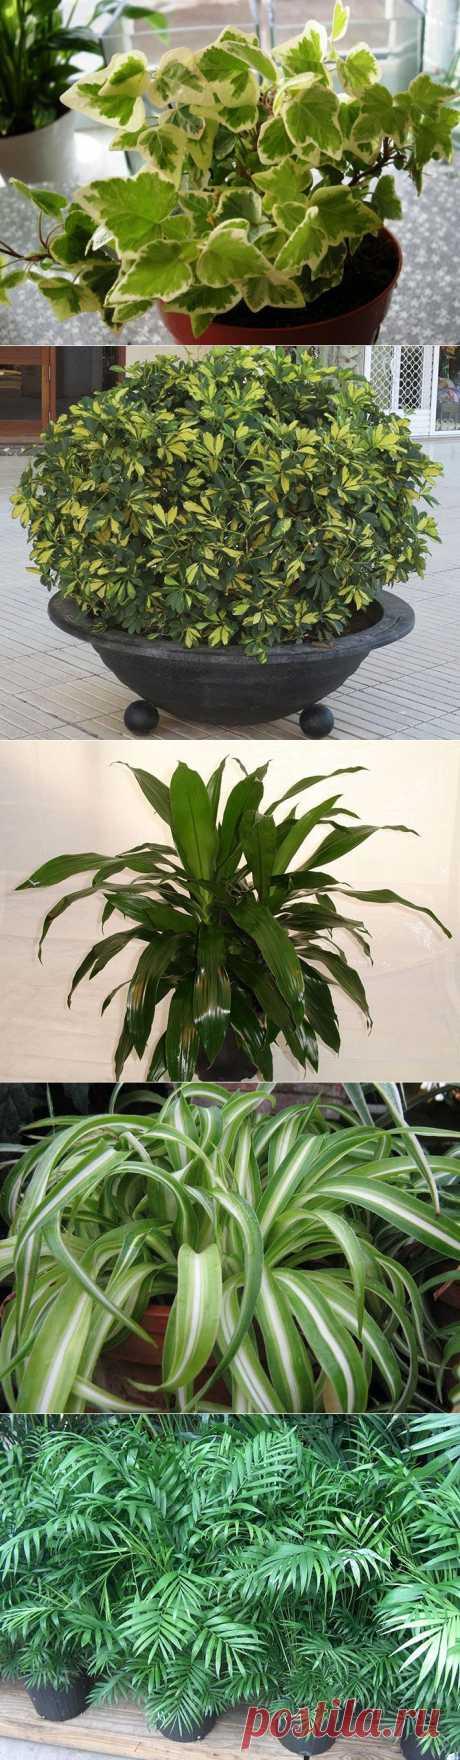 Комнатные растения которые хорошо очищают воздух и не требуют особого ухода!